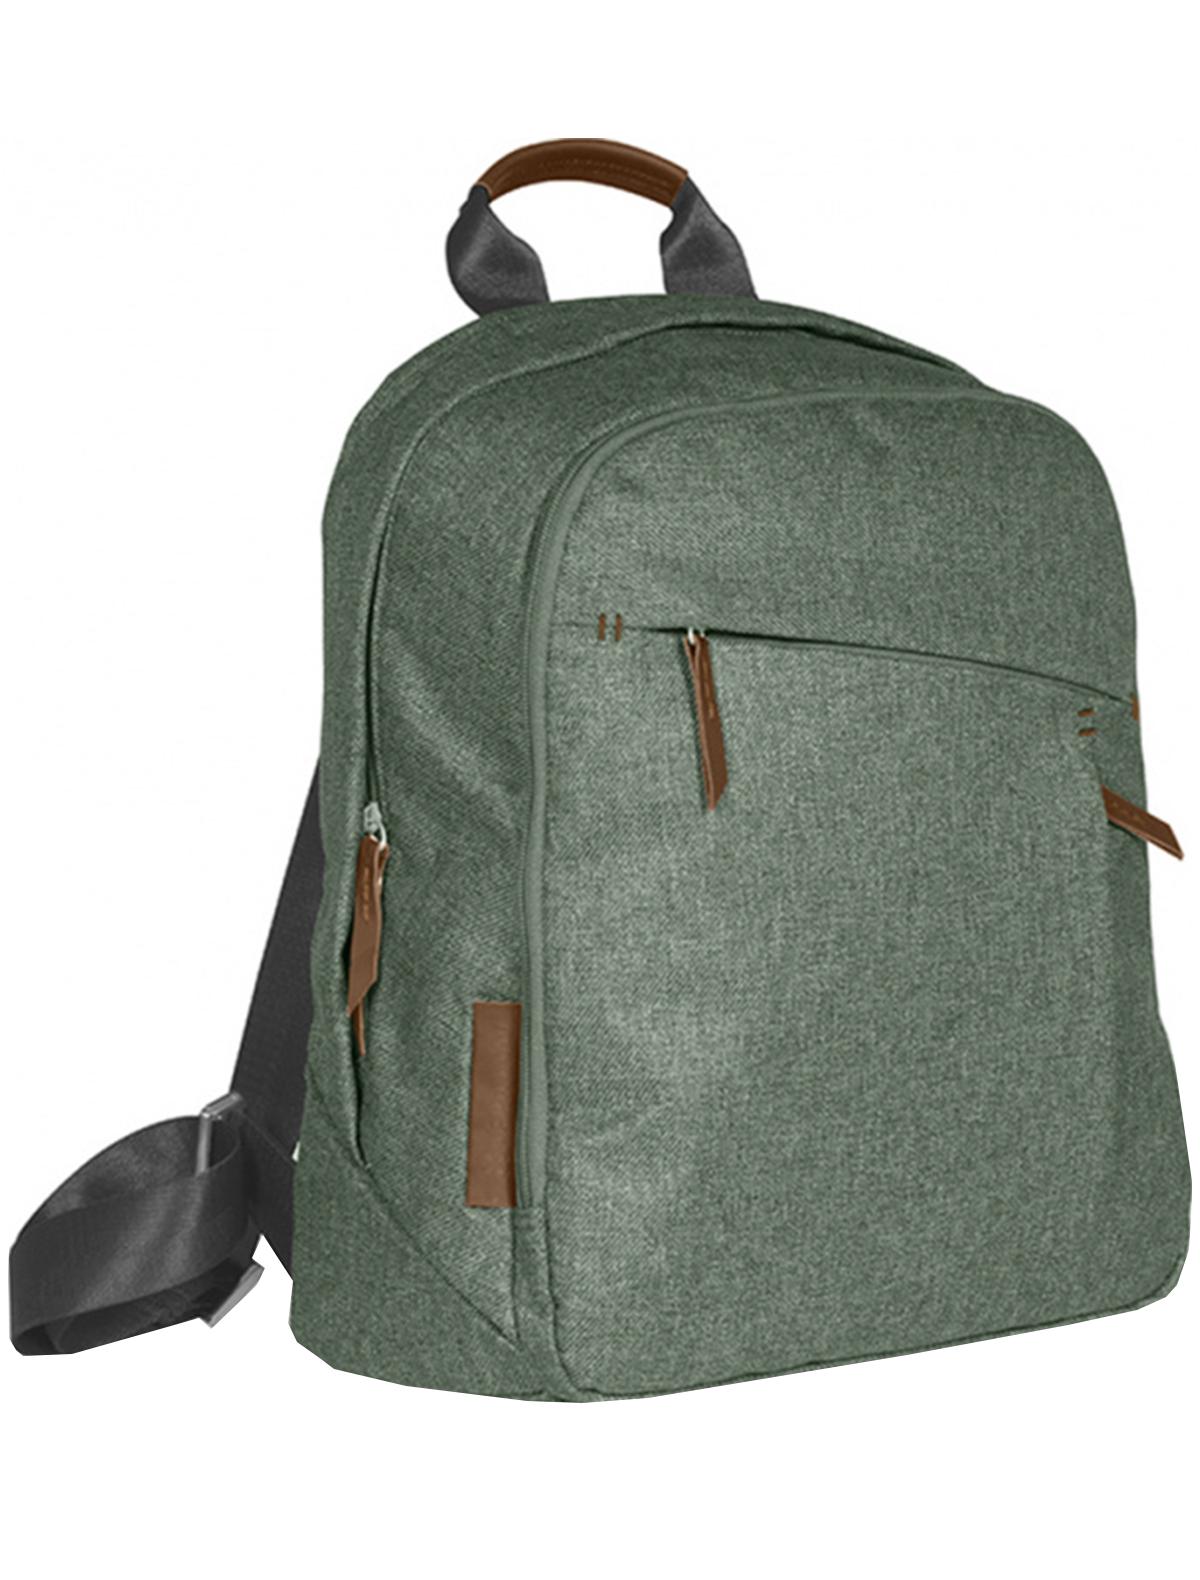 Купить 2152350, Аксессуар для коляски UPPAbaby, зеленый, 3982228070034